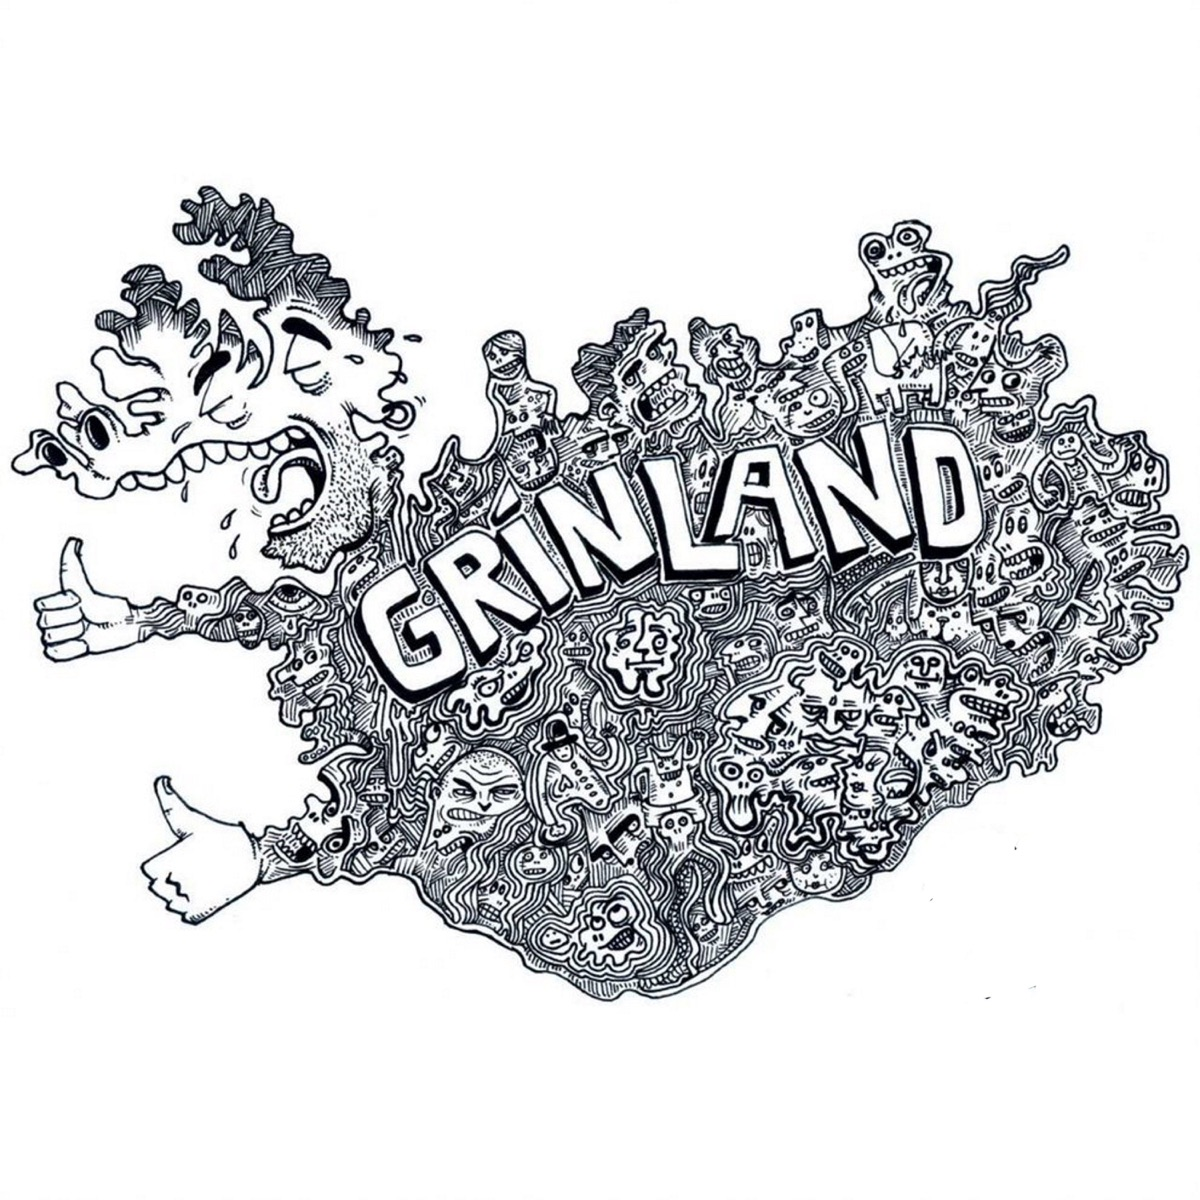 Grínland - Jóhann Alfreð